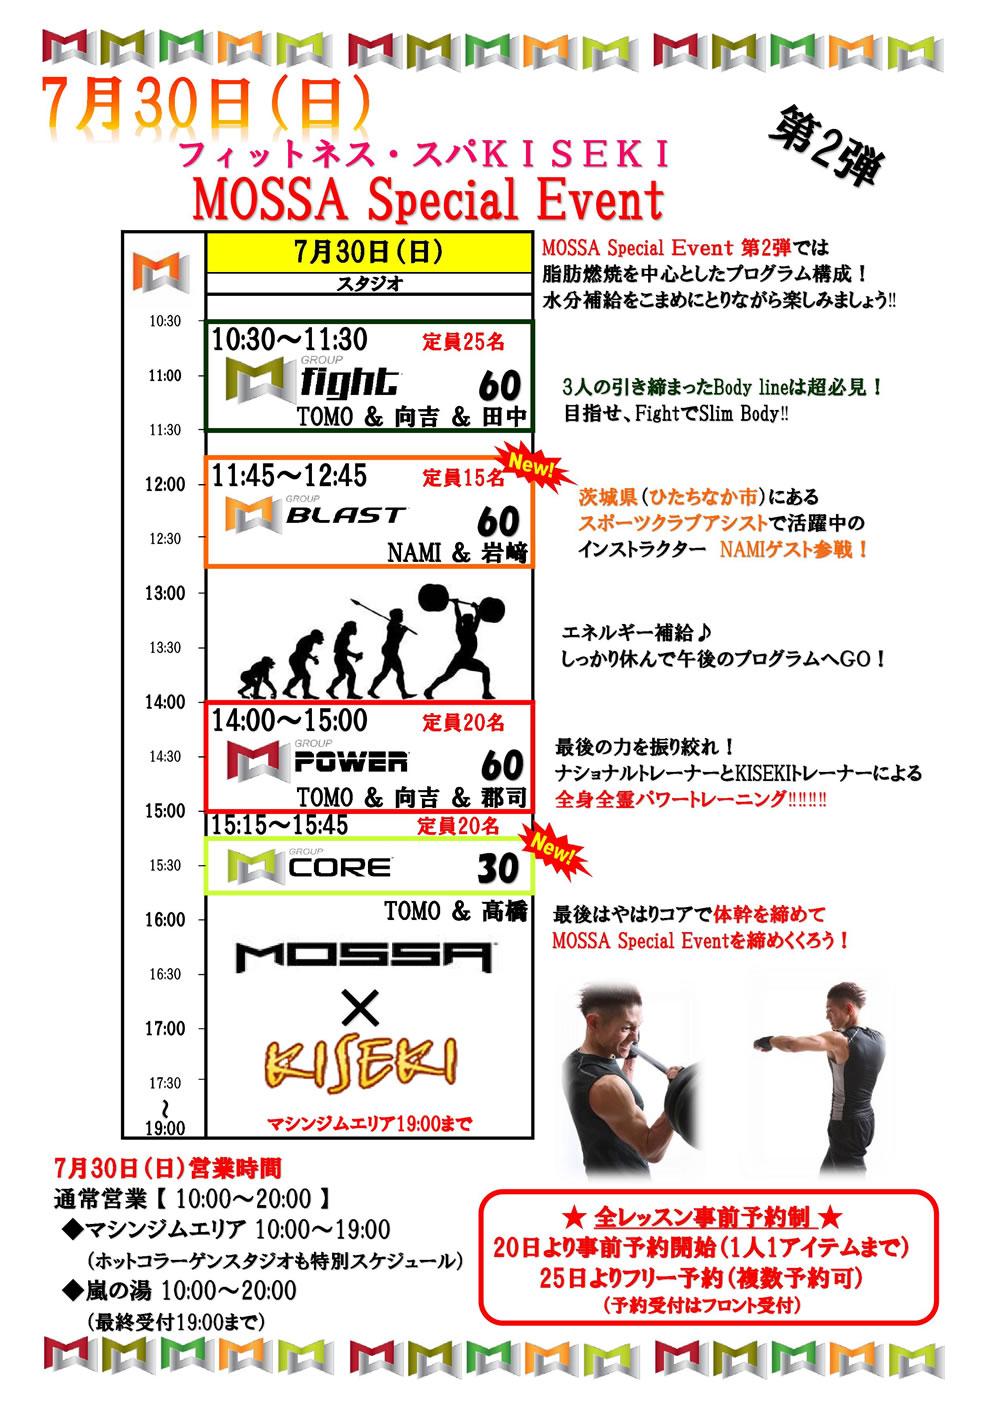 【7/30日】フィットネス・スパ キセキ スケジュール